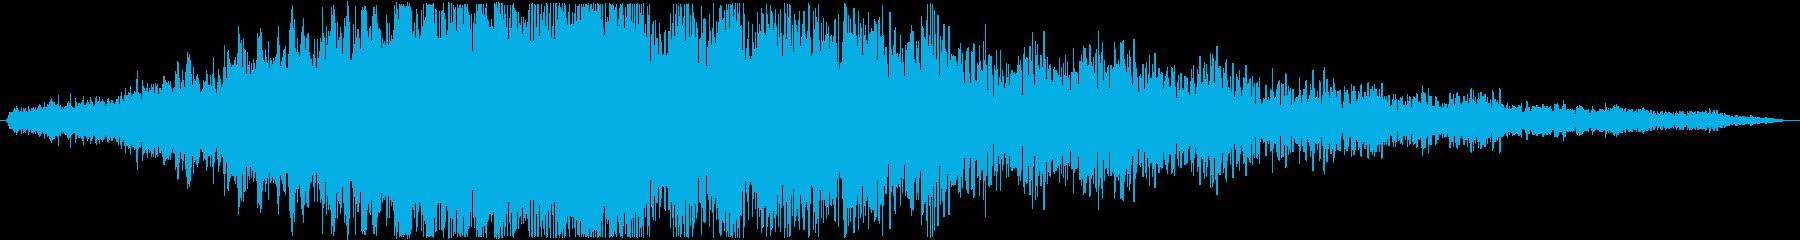 【アイキャッチ/ギュルギュル/回転】の再生済みの波形